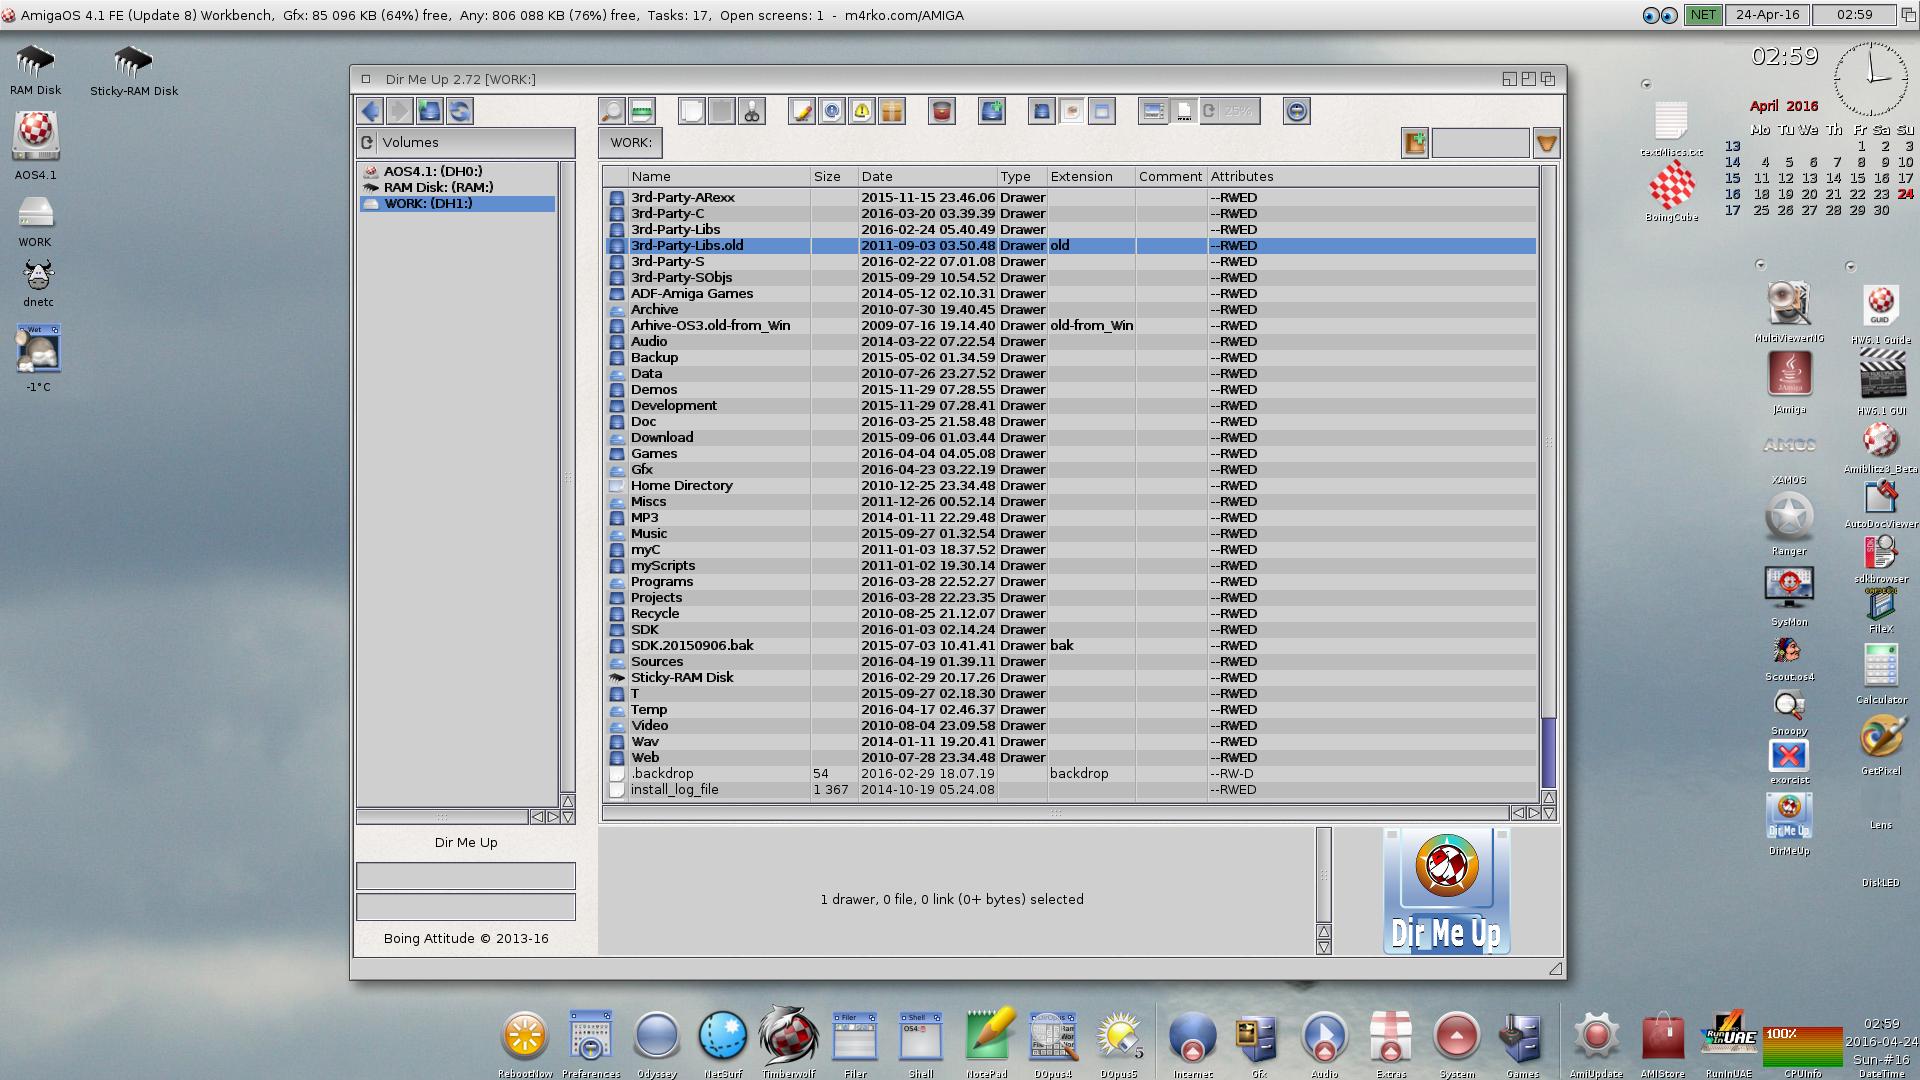 AmigaOS screenshots - Page 4 - m4rko com/AMIGA